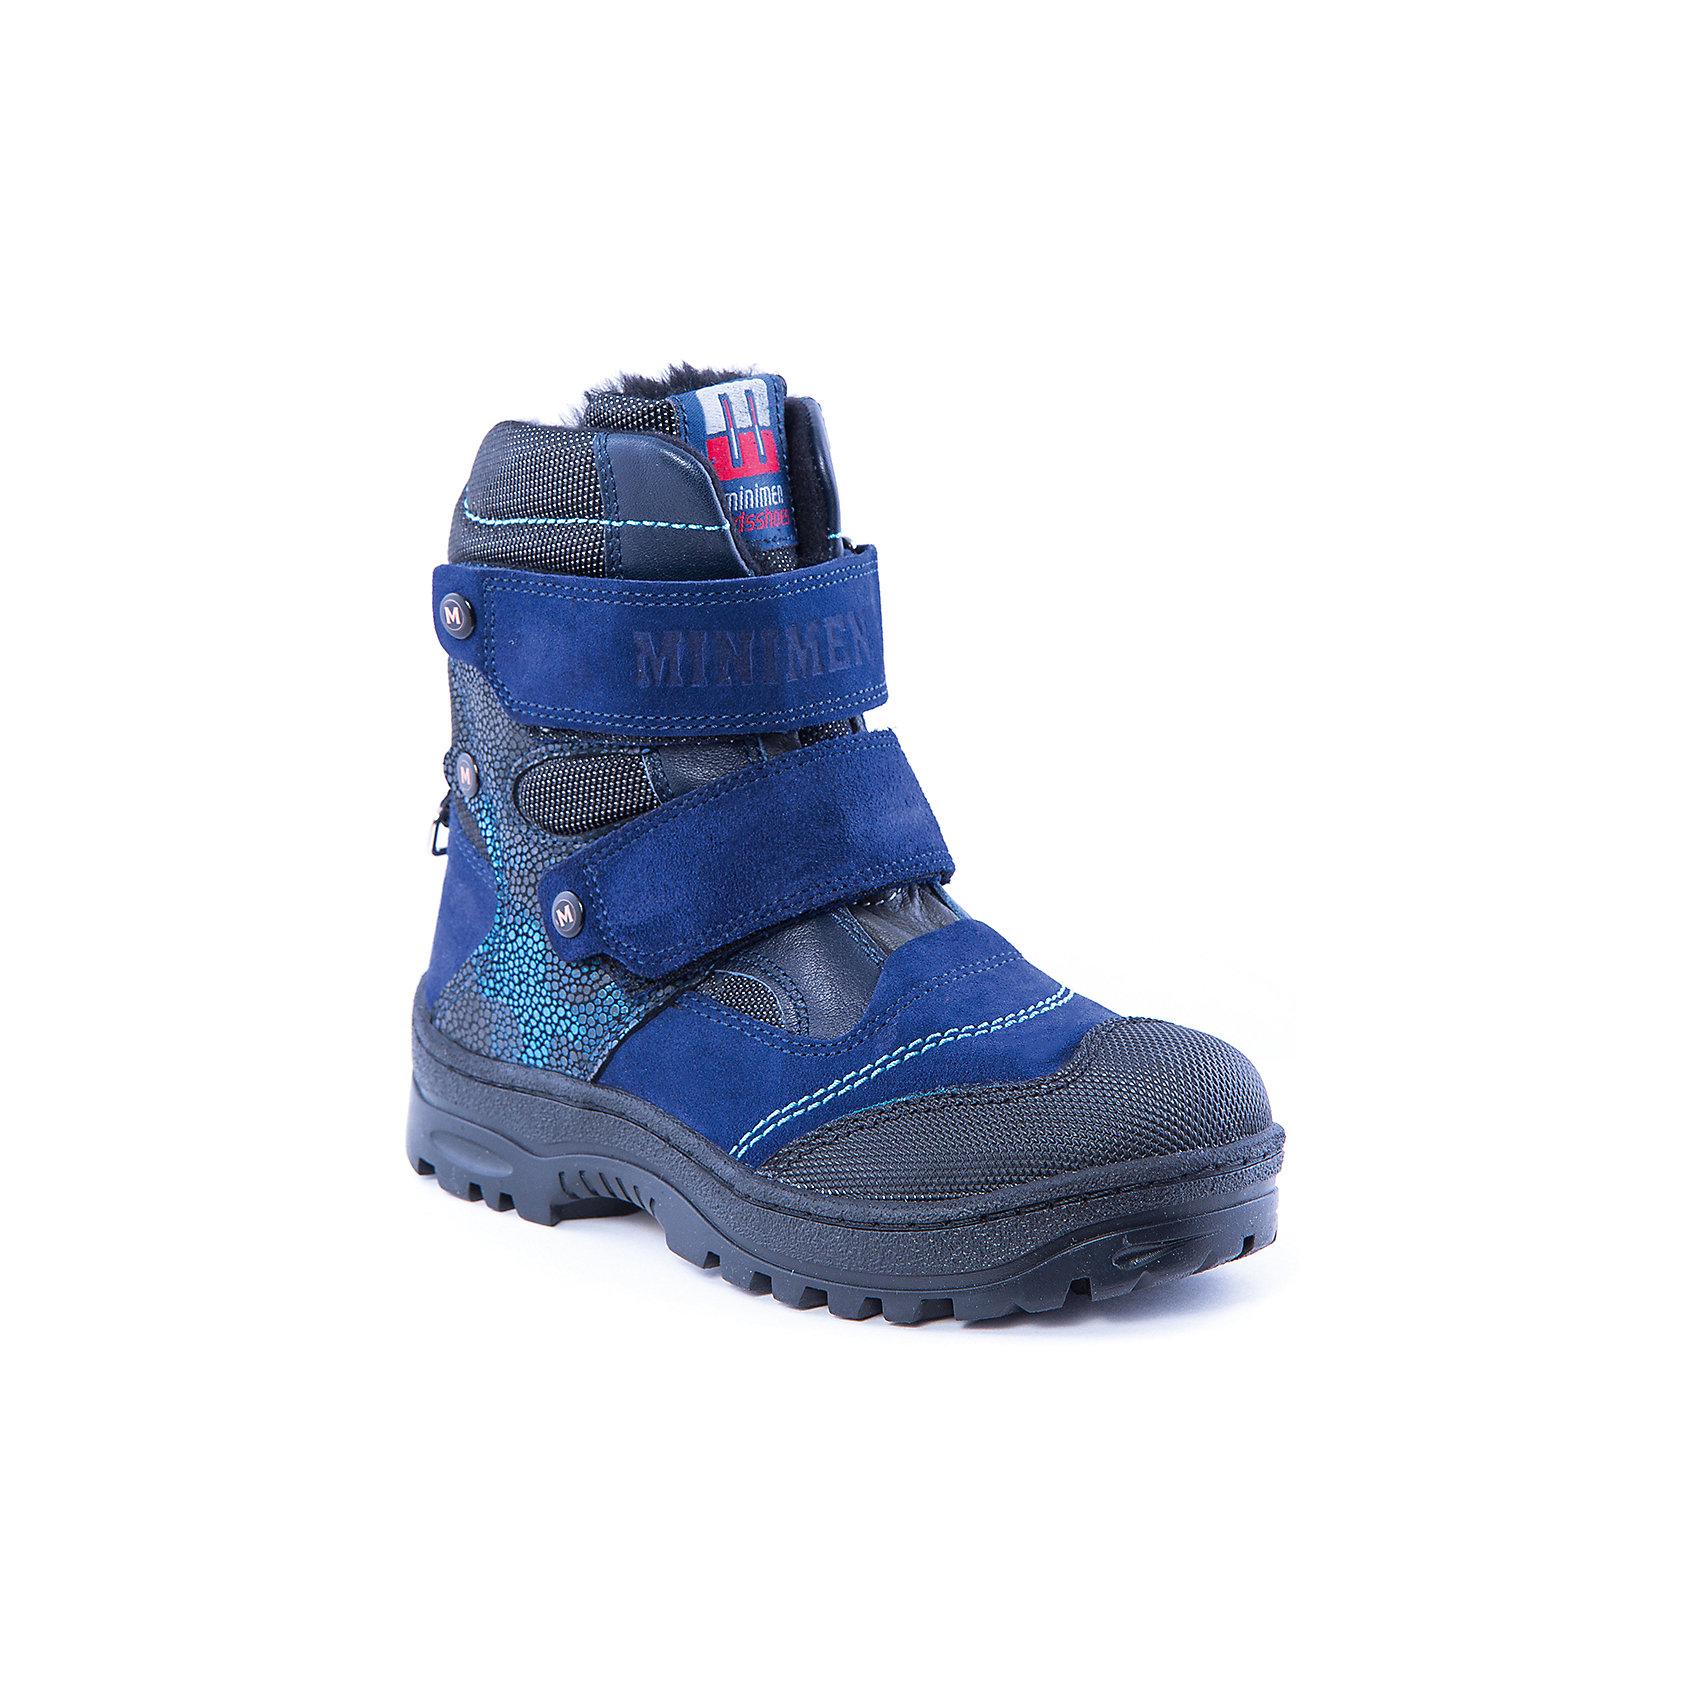 Полусапоги для мальчика MinimenПолусапоги для мальчика от известного бренда Minimen<br><br>Сапоги из натуральной кожи Minimen созданы для ношения в межсезонье и начинающиеся холода. Их форма тщательно проработана, поэтому детским ножкам в такой обуви тепло и комфортно. Качественные материалы позволяют сделать изделия износостойкими и удобными.<br><br>Отличительные особенности модели:<br><br>- цвет: синий;<br>- гибкая нескользящая подошва;<br>- усиленный носок и задник;<br>- эргономичная форма;<br>- удобная колодка;<br>- меховая подкладка;<br>- натуральная кожа;<br>- застежки-липучки.<br><br>Дополнительная информация:<br><br>Температурный режим: от - 15° С до +5° С.<br><br>Состав:<br>верх - 100% натуральная кожа<br>подкладка - 100% мех<br>подошва -ТЭП<br><br>Полусапоги для мальчика Minimen (Минимен) можно купить в нашем магазине.<br><br>Ширина мм: 257<br>Глубина мм: 180<br>Высота мм: 130<br>Вес г: 420<br>Цвет: синий<br>Возраст от месяцев: 60<br>Возраст до месяцев: 72<br>Пол: Мужской<br>Возраст: Детский<br>Размер: 29,30,31,33,34,35,32<br>SKU: 4334454